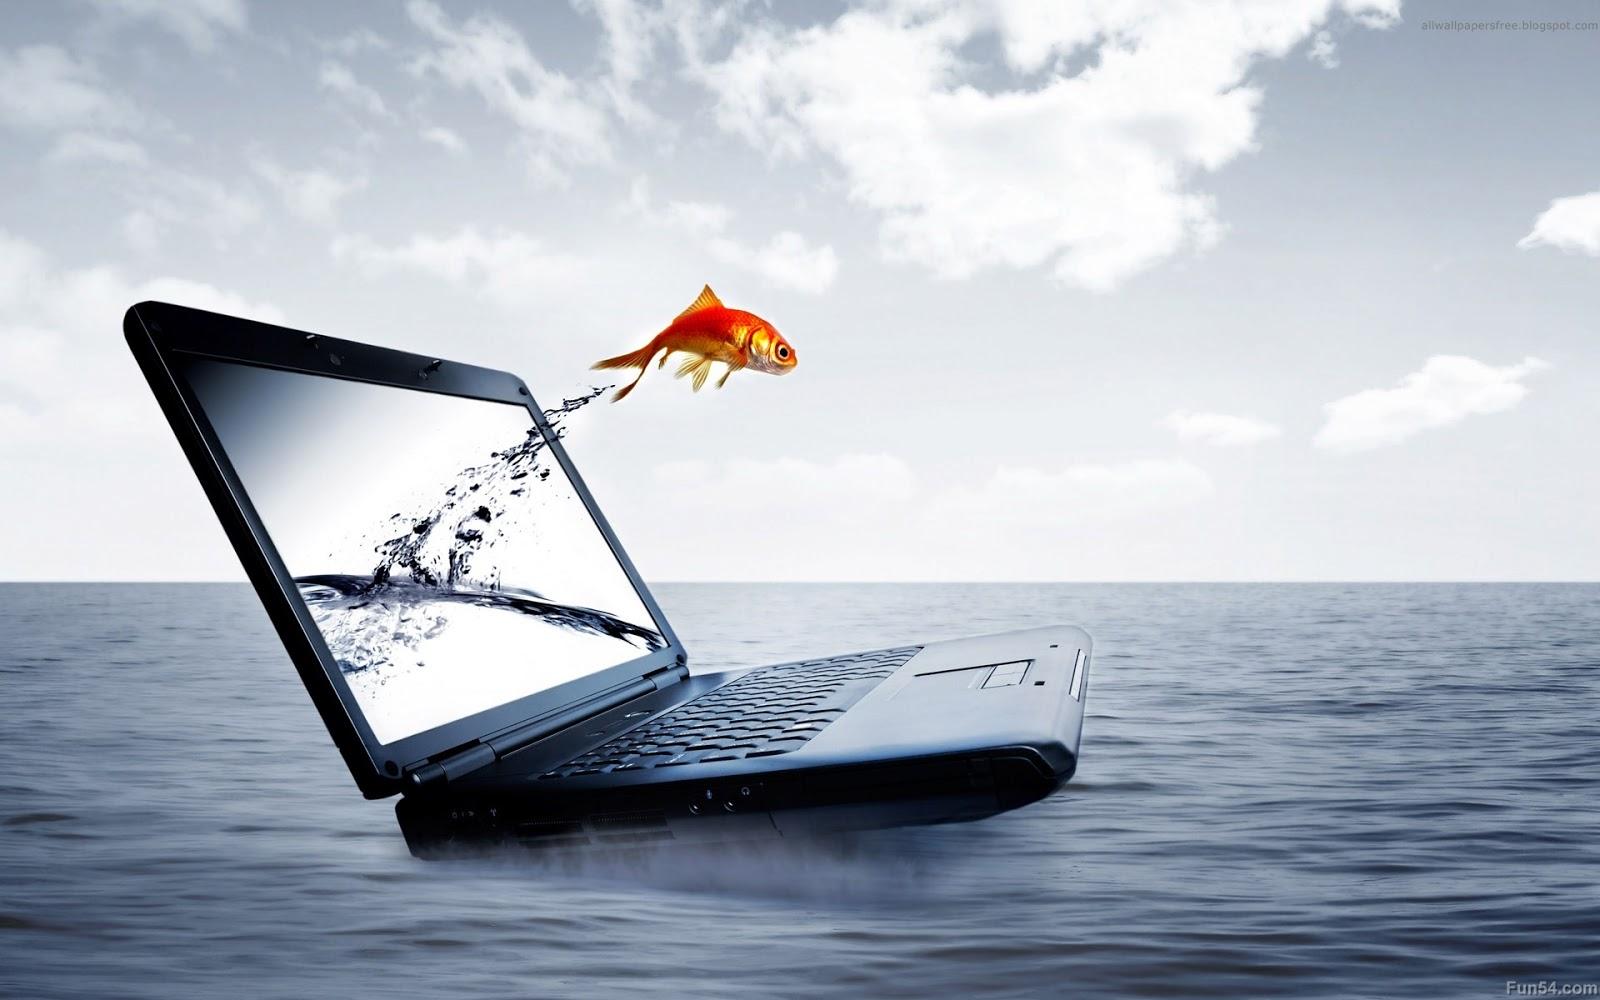 Sonniger Tag in den Bergen HD Hinter schöne Natur  - Laptop Hintergrundbilder Hd